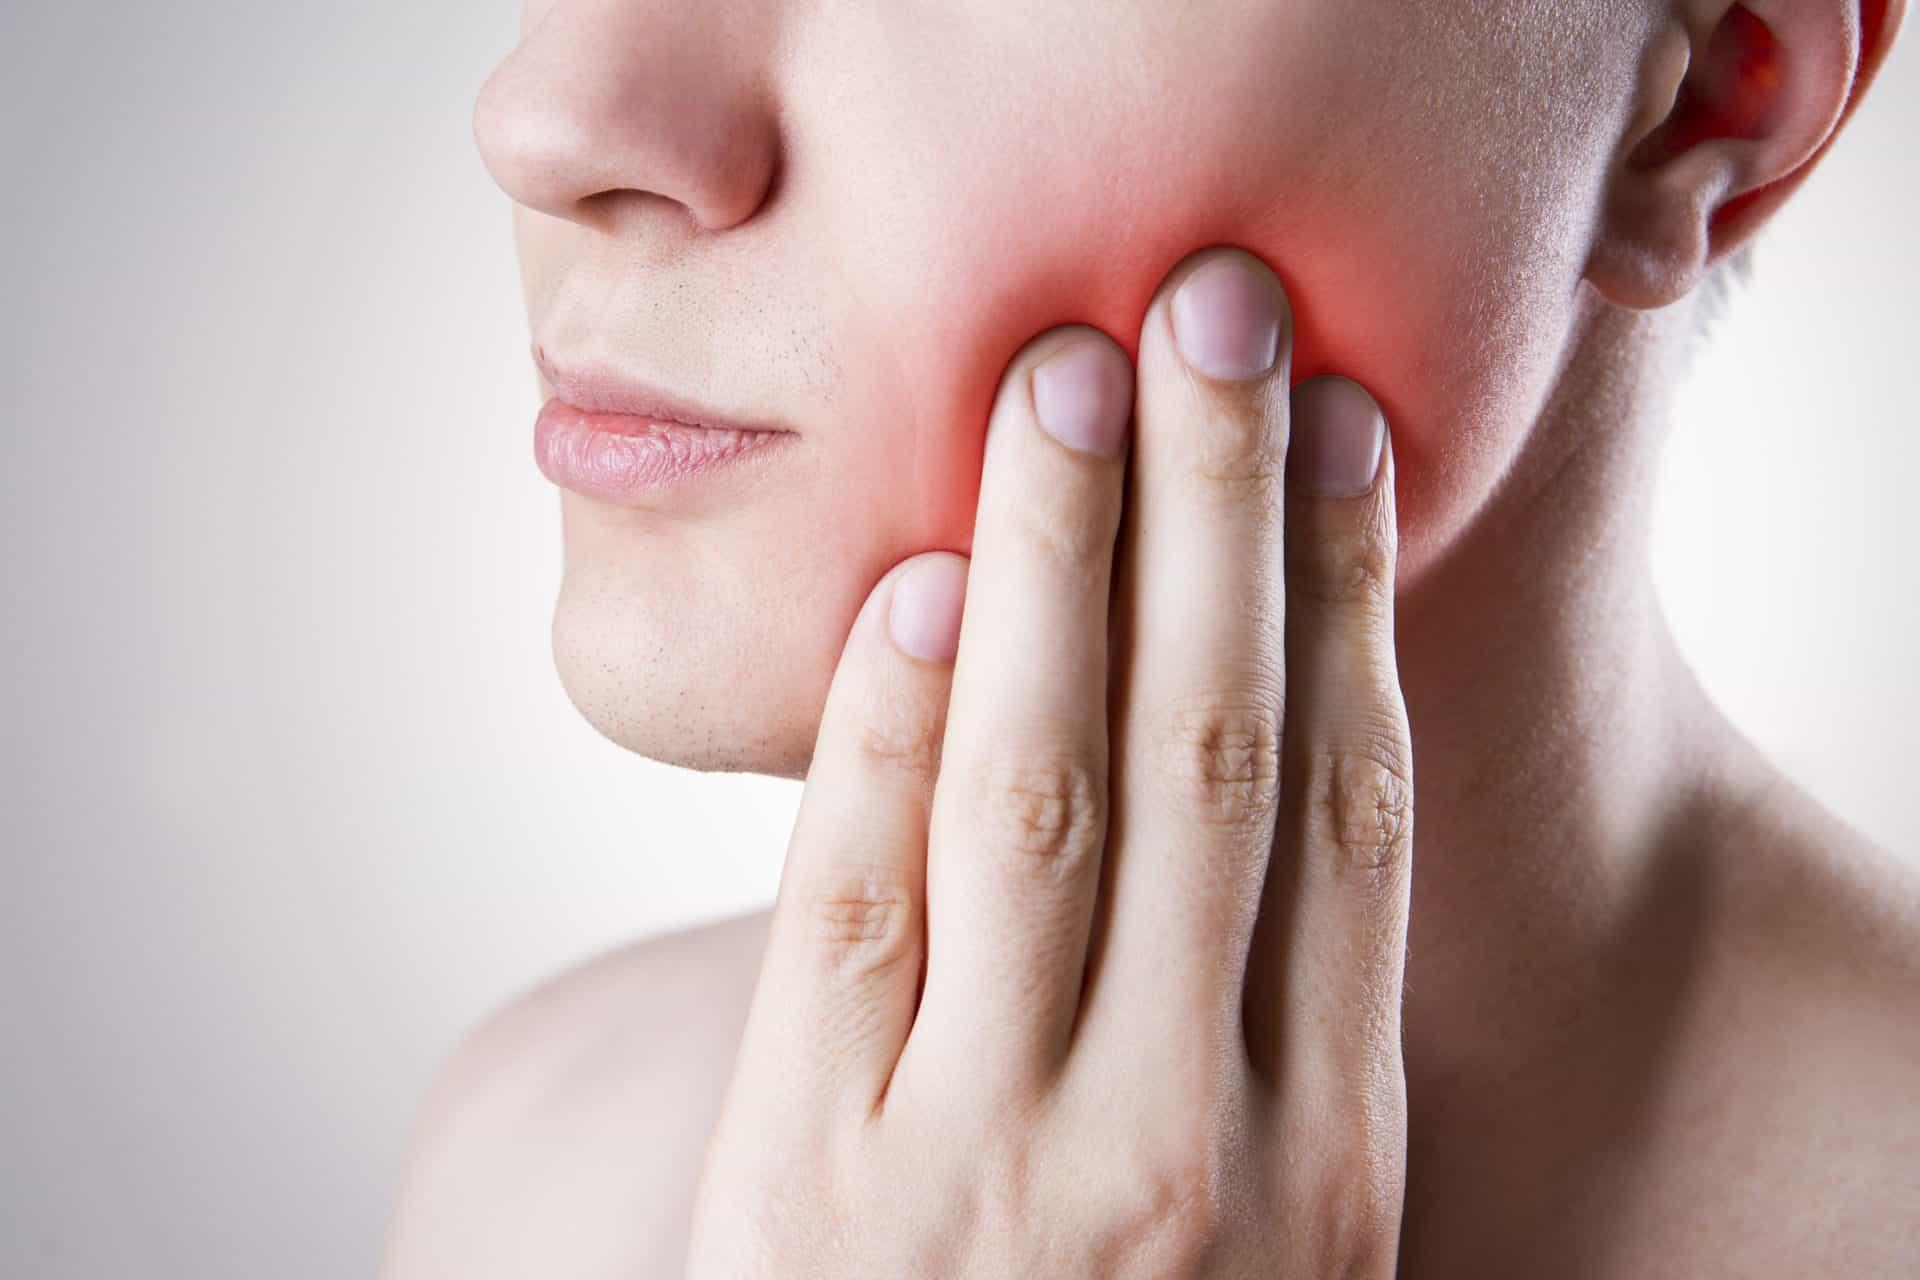 Hiểu về dấu hiệu ung thư xương hàm giúp điều trị hiệu quả